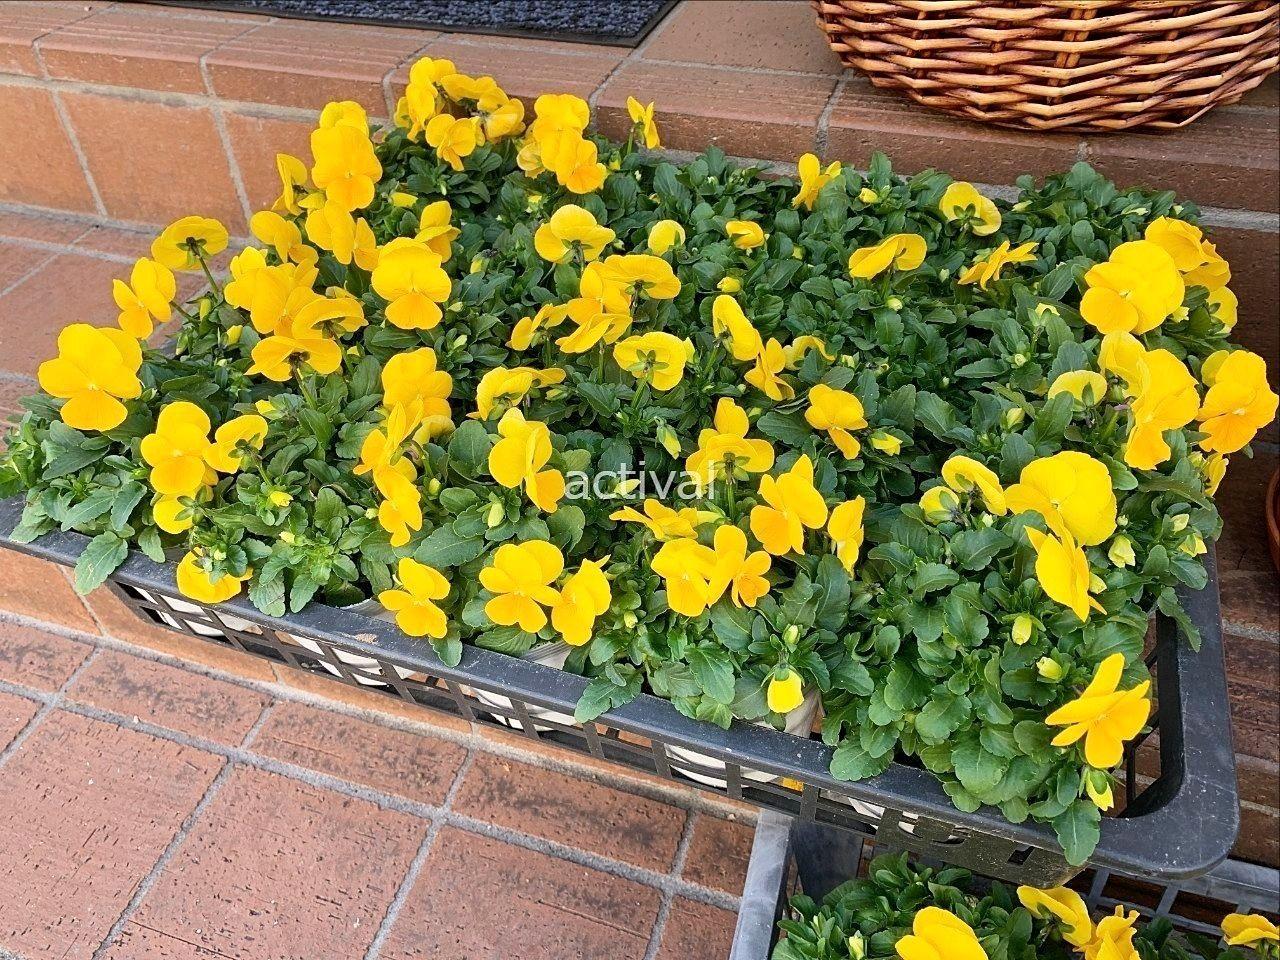 アクティバル園芸部の秋のプランター植え替えです。